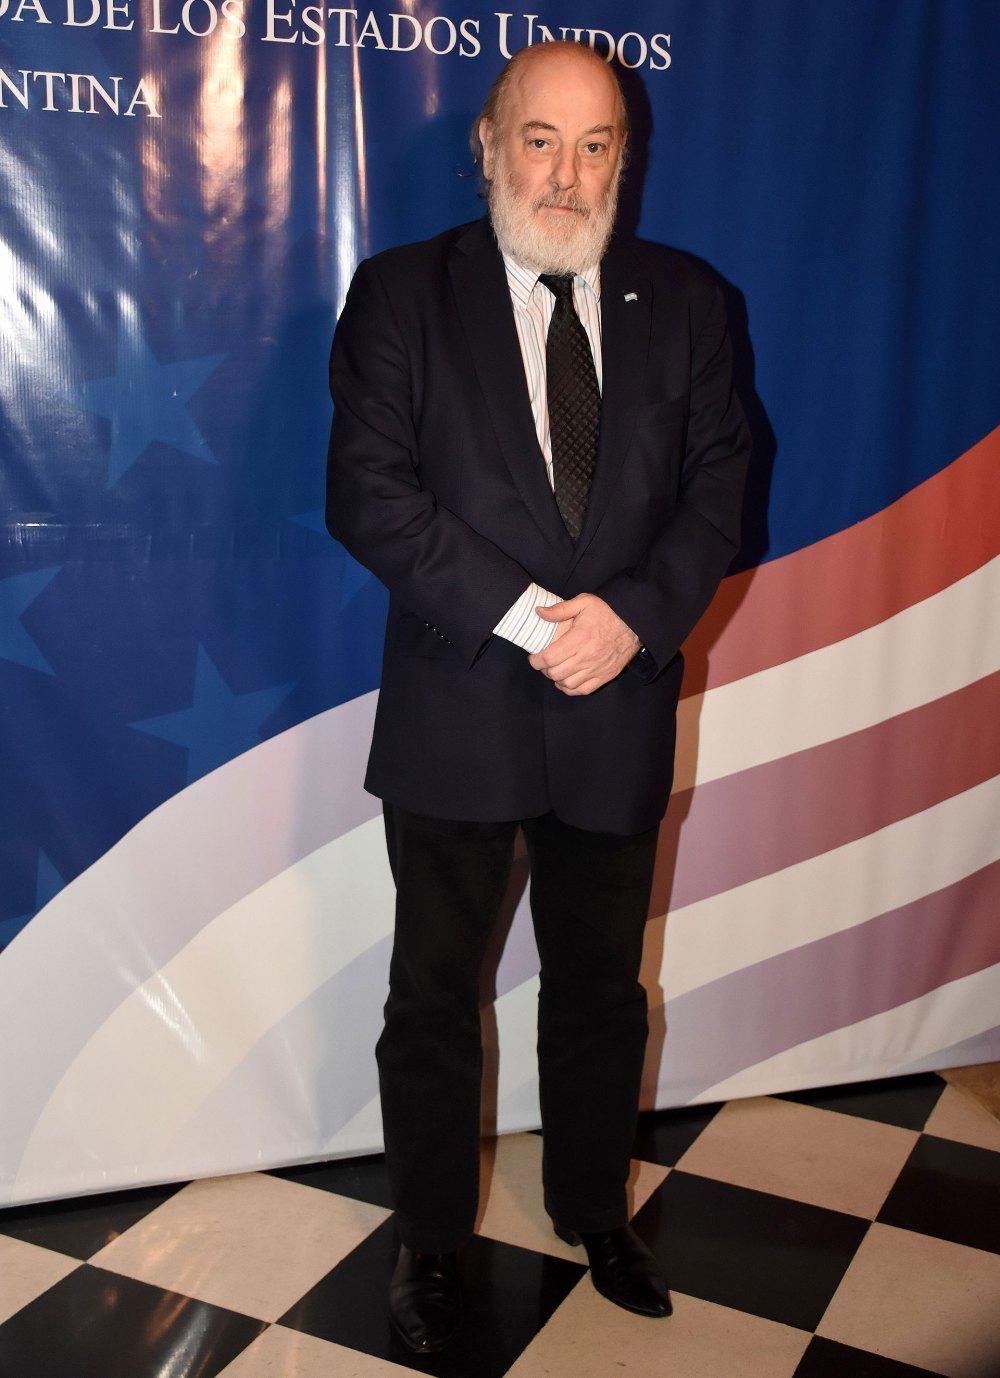 Despedida-embajador-EEUU-009Bonadio.jpg